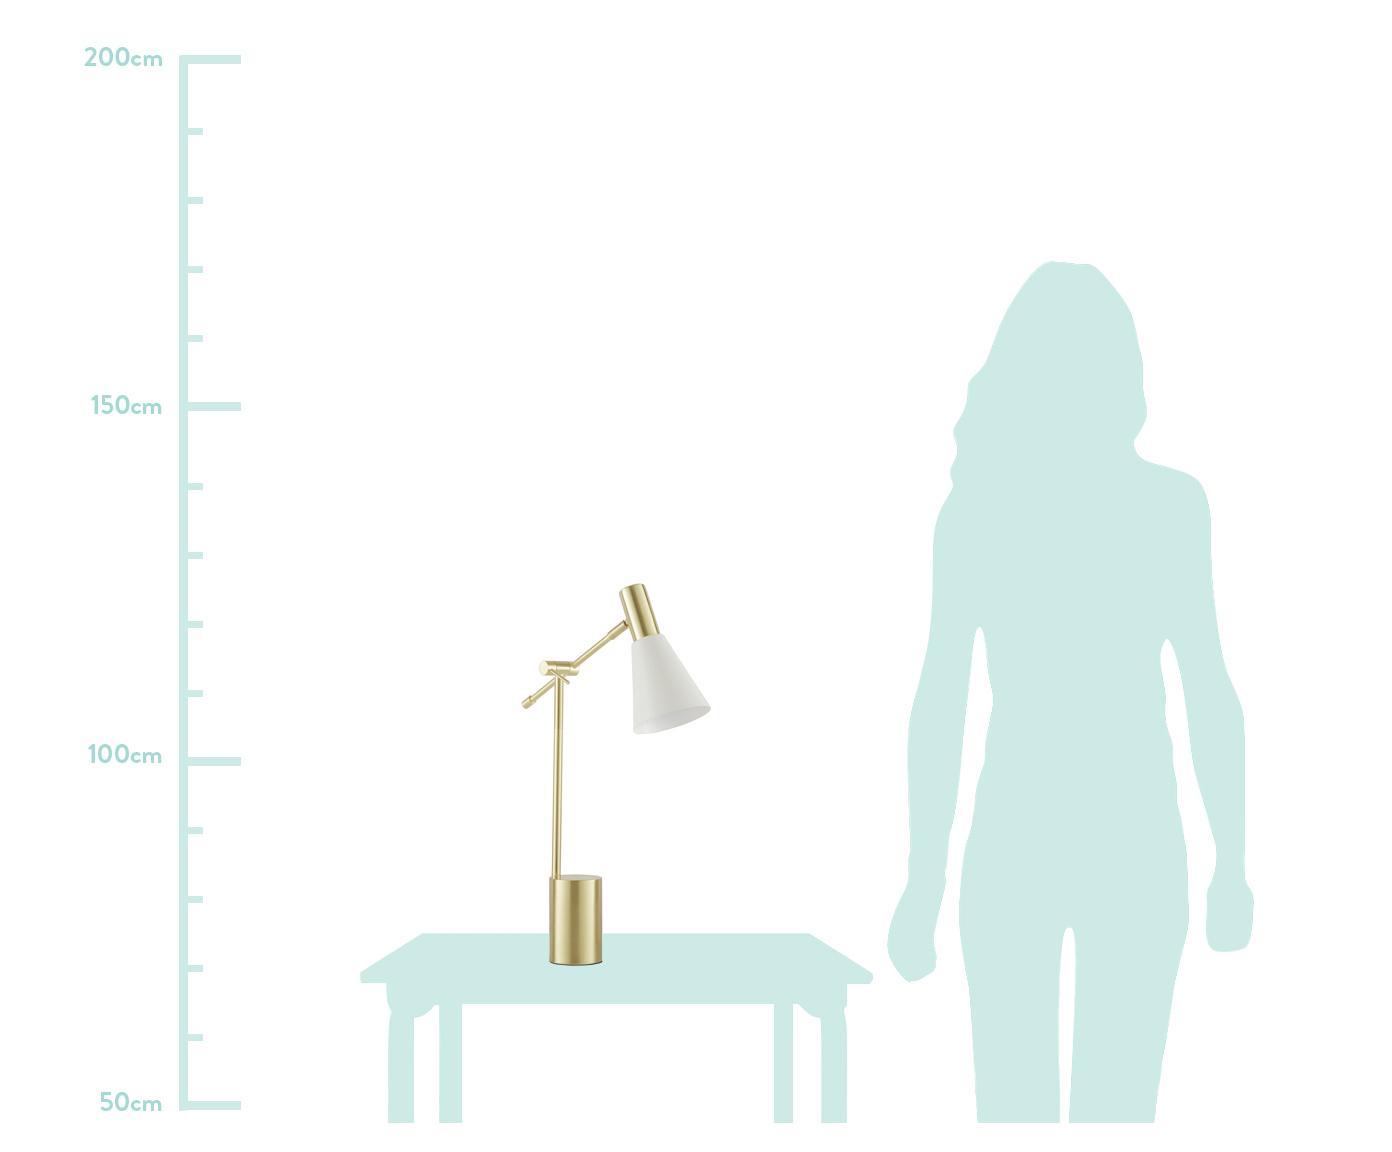 Schreibtischlampe Sia aus Metall, Lampenschirm: Metall, pulverbeschichtet, Lampenfuß: Metall, vermessingt, Weiß,Messingfarben, Ø 13 x H 63 cm